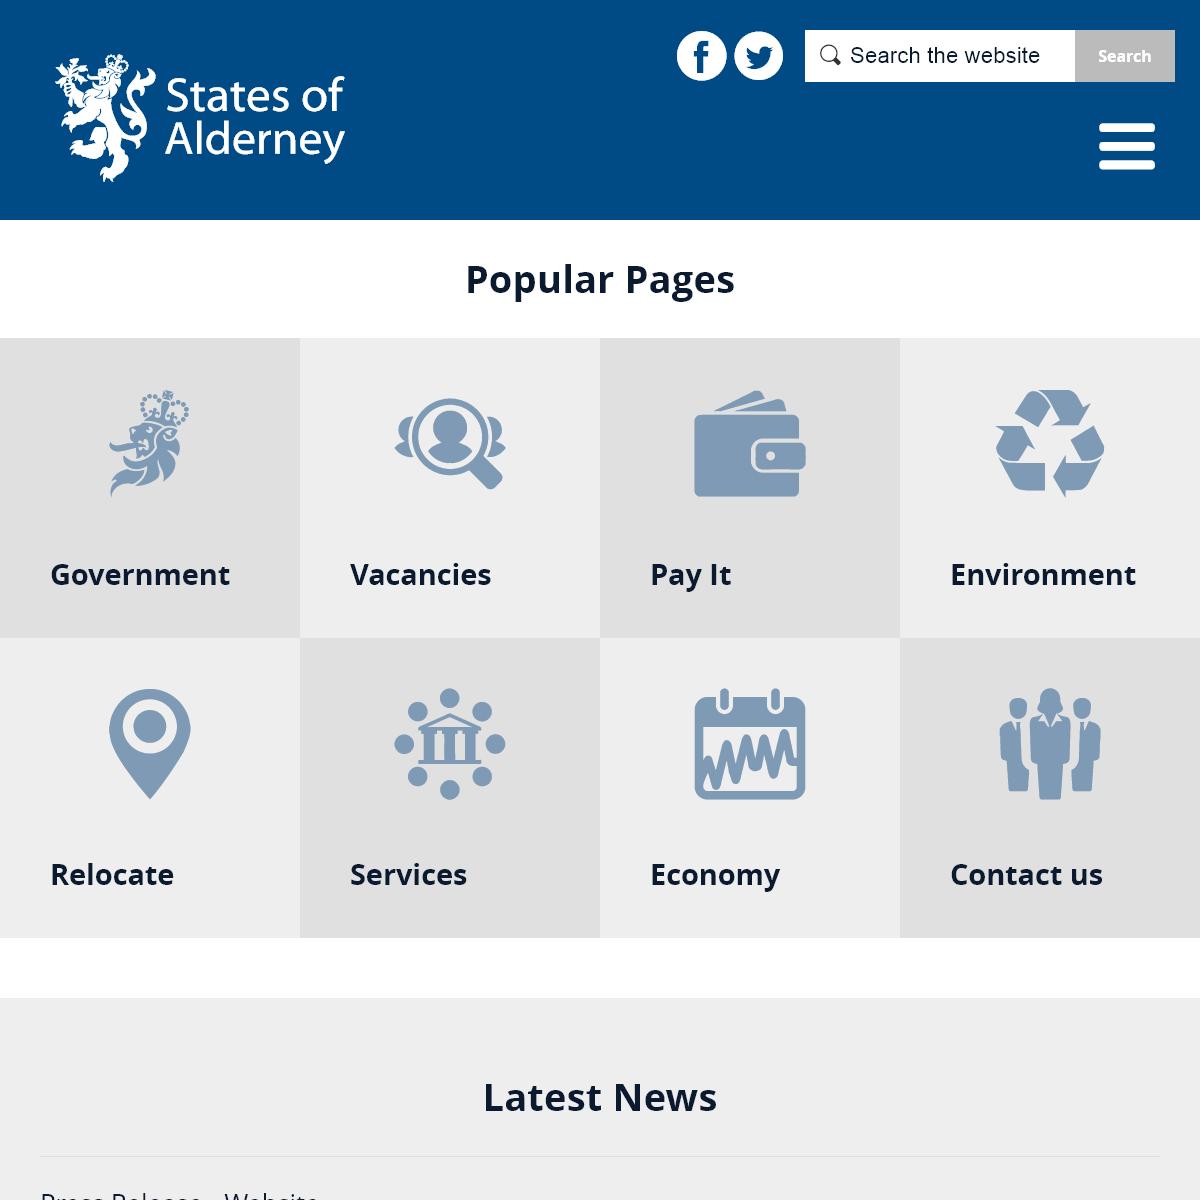 States of Alderney Home Page - States of Alderney